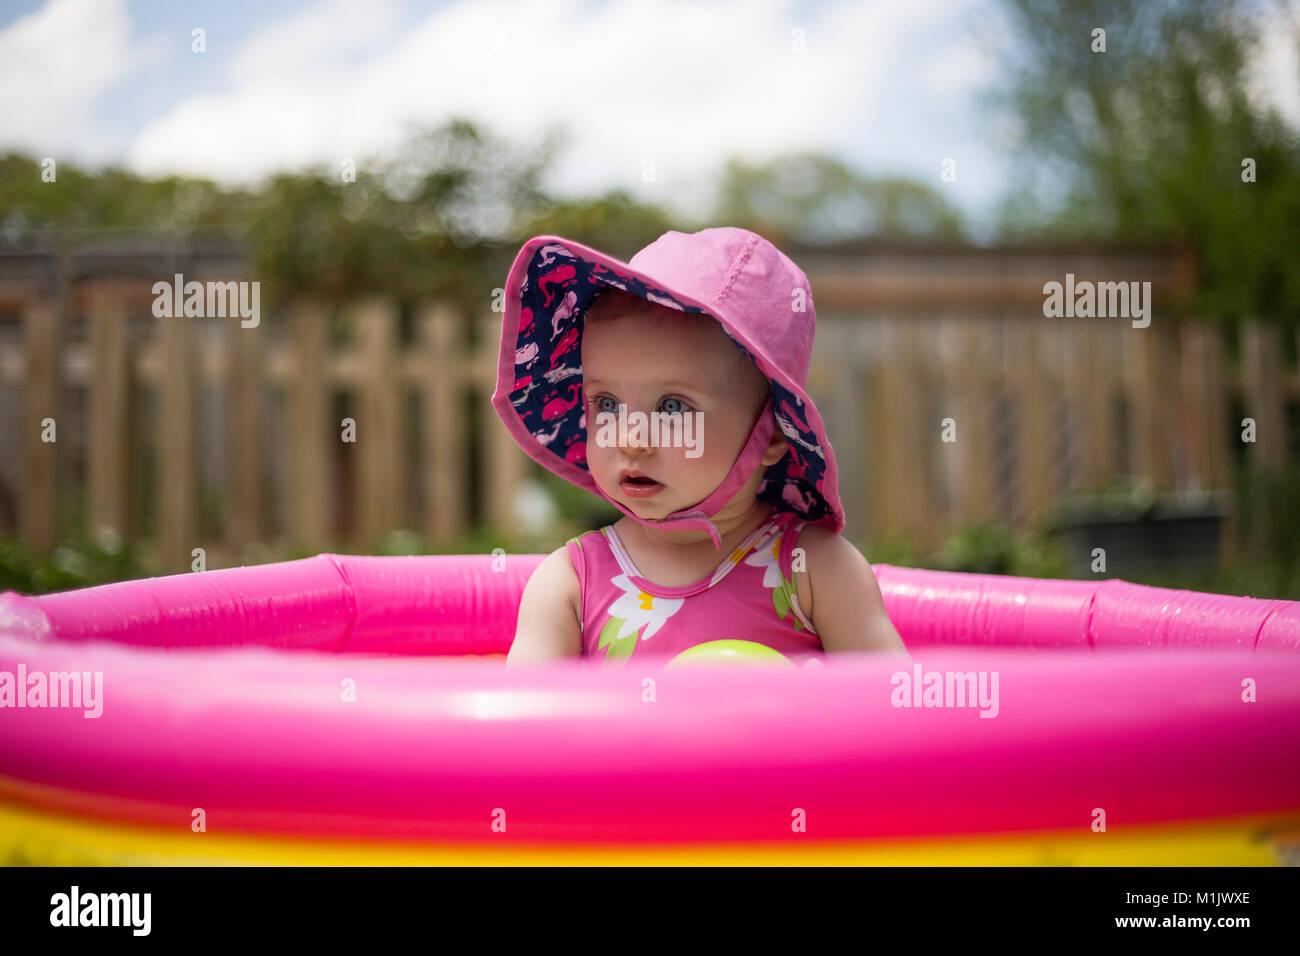 En rose bébé Hat assis dans piscine pour enfants Photo Stock